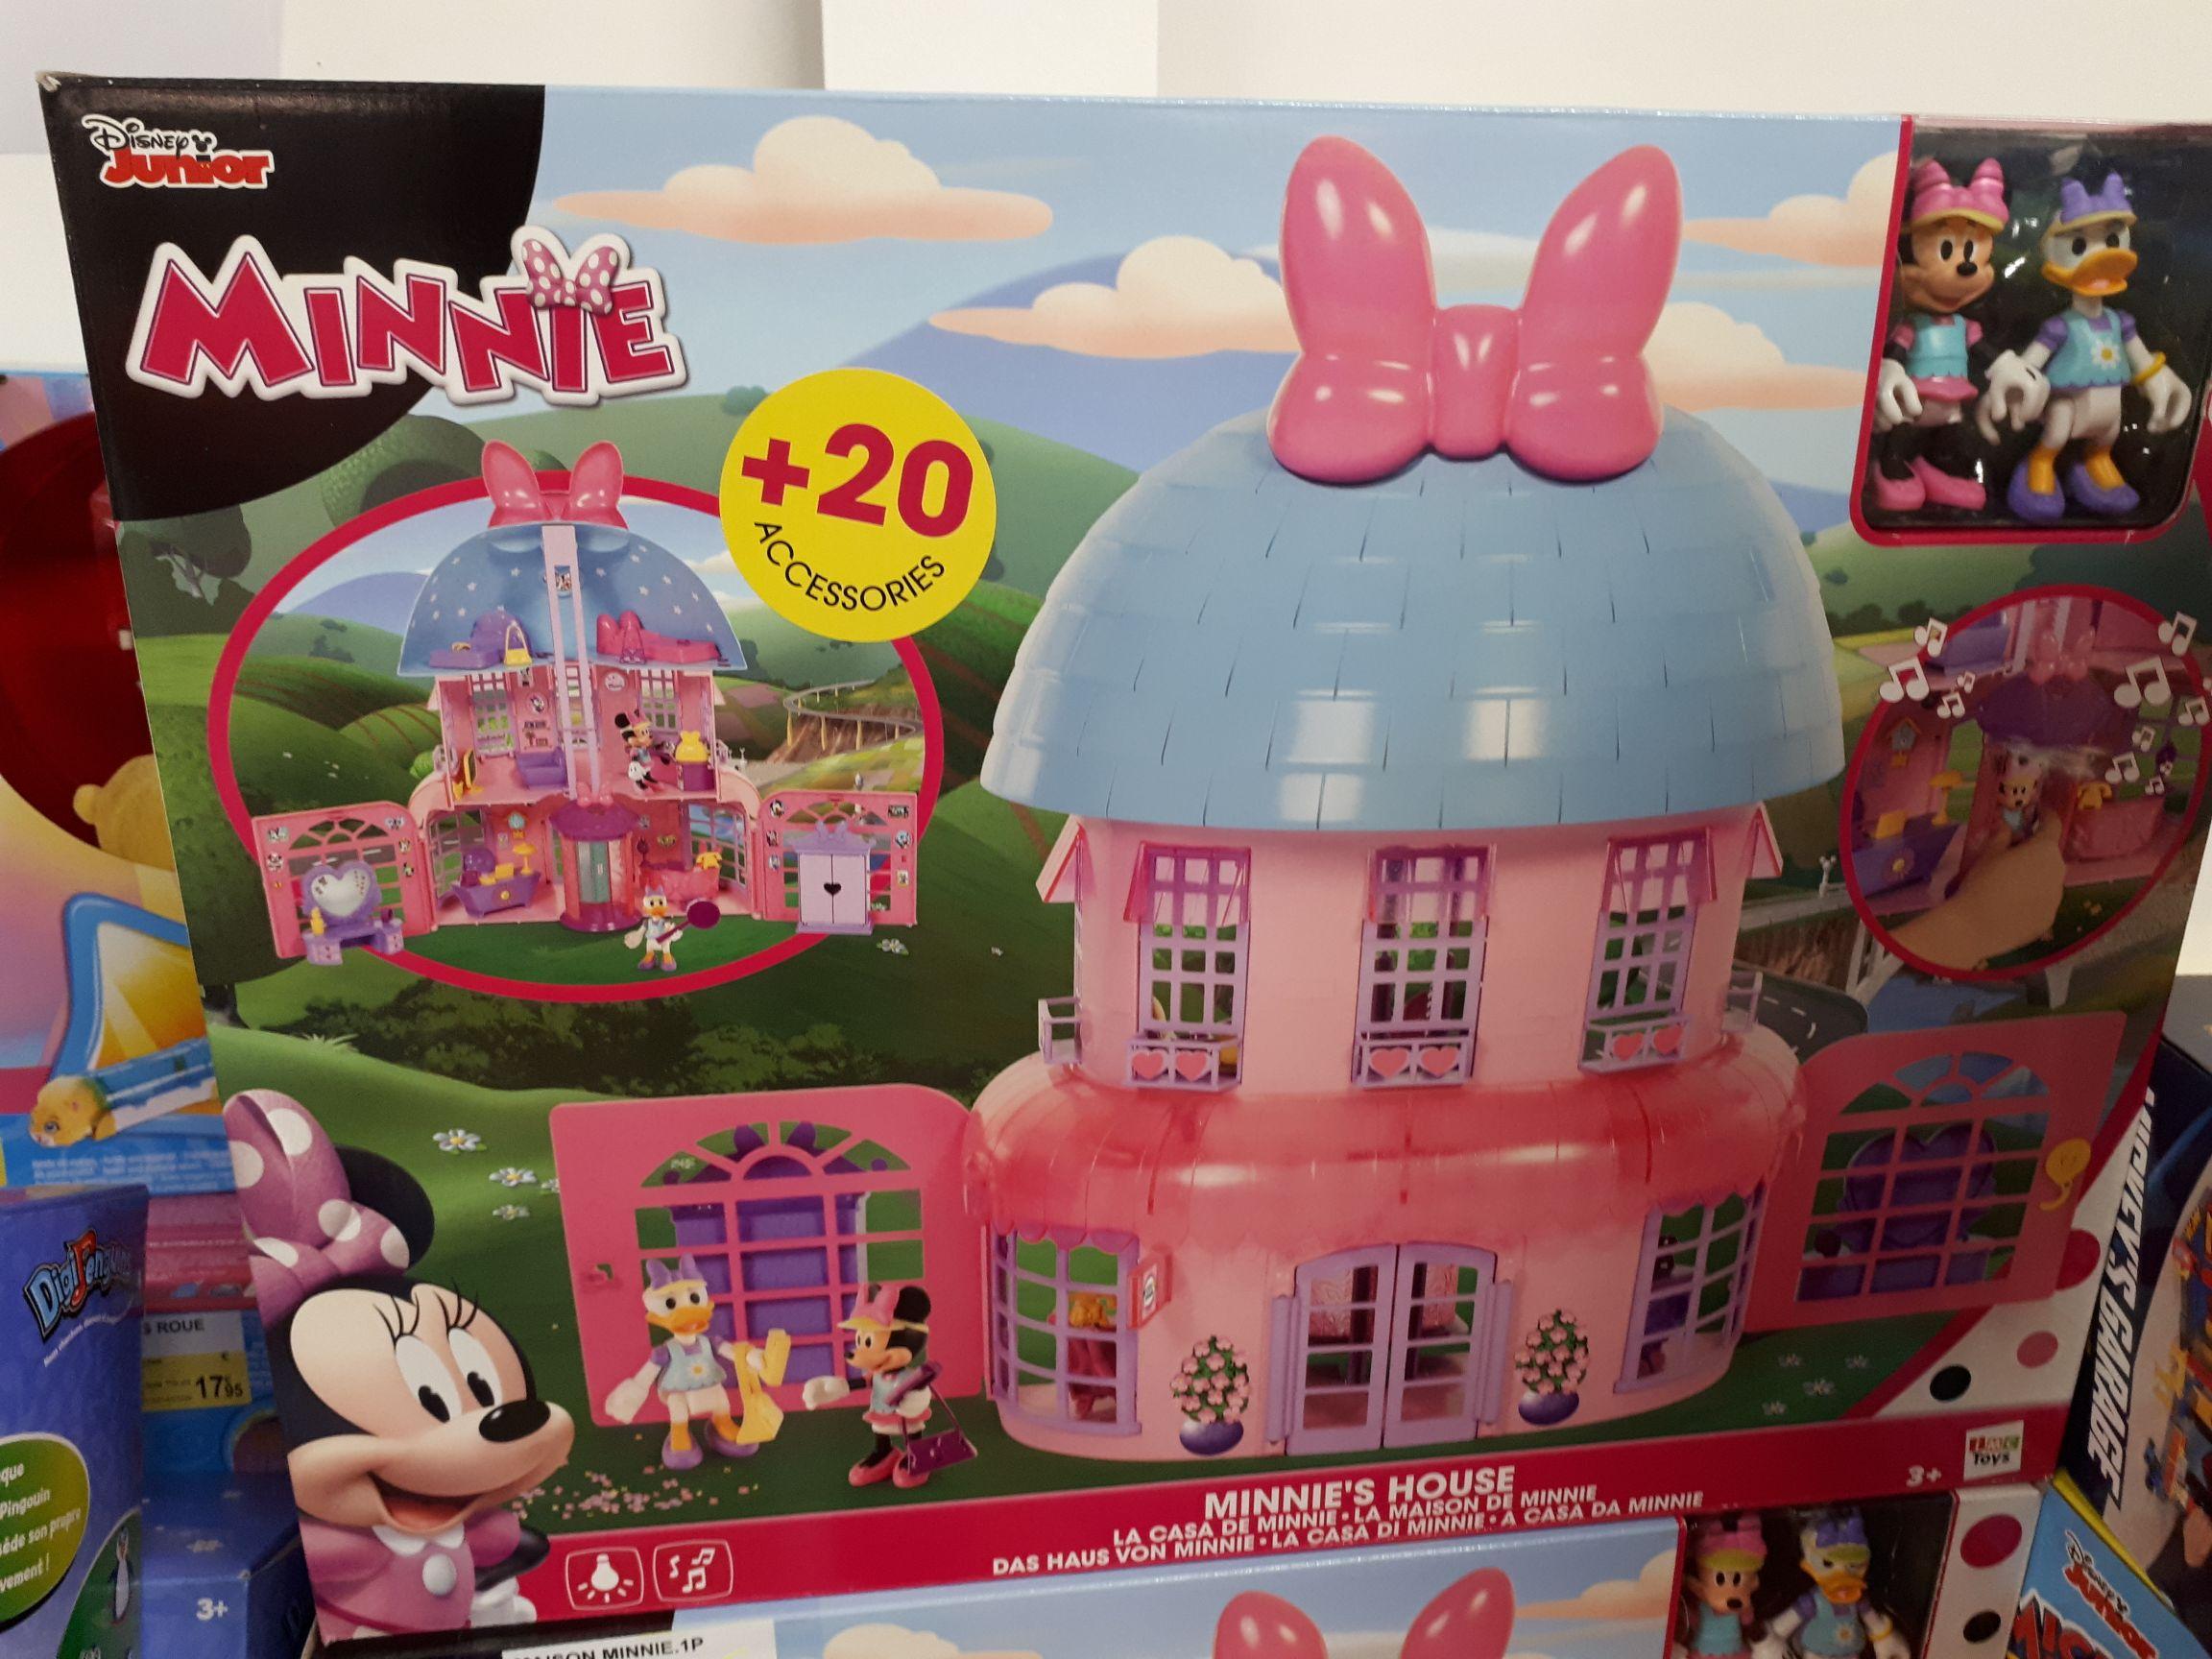 La maison de minnie - Le Boulou (66)